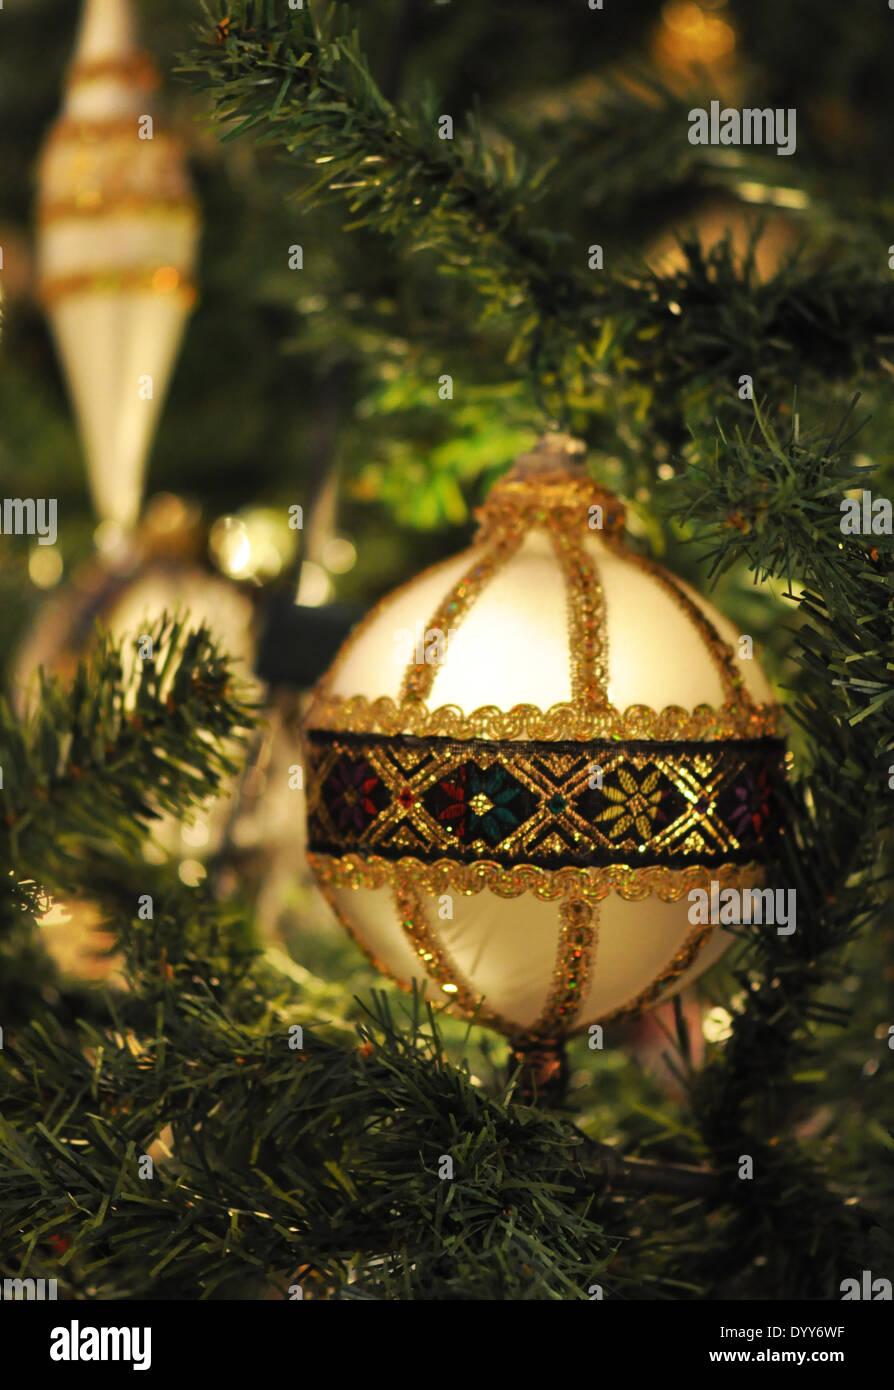 Ukrainian Christmas Decorations Stock Photos & Ukrainian Christmas ...